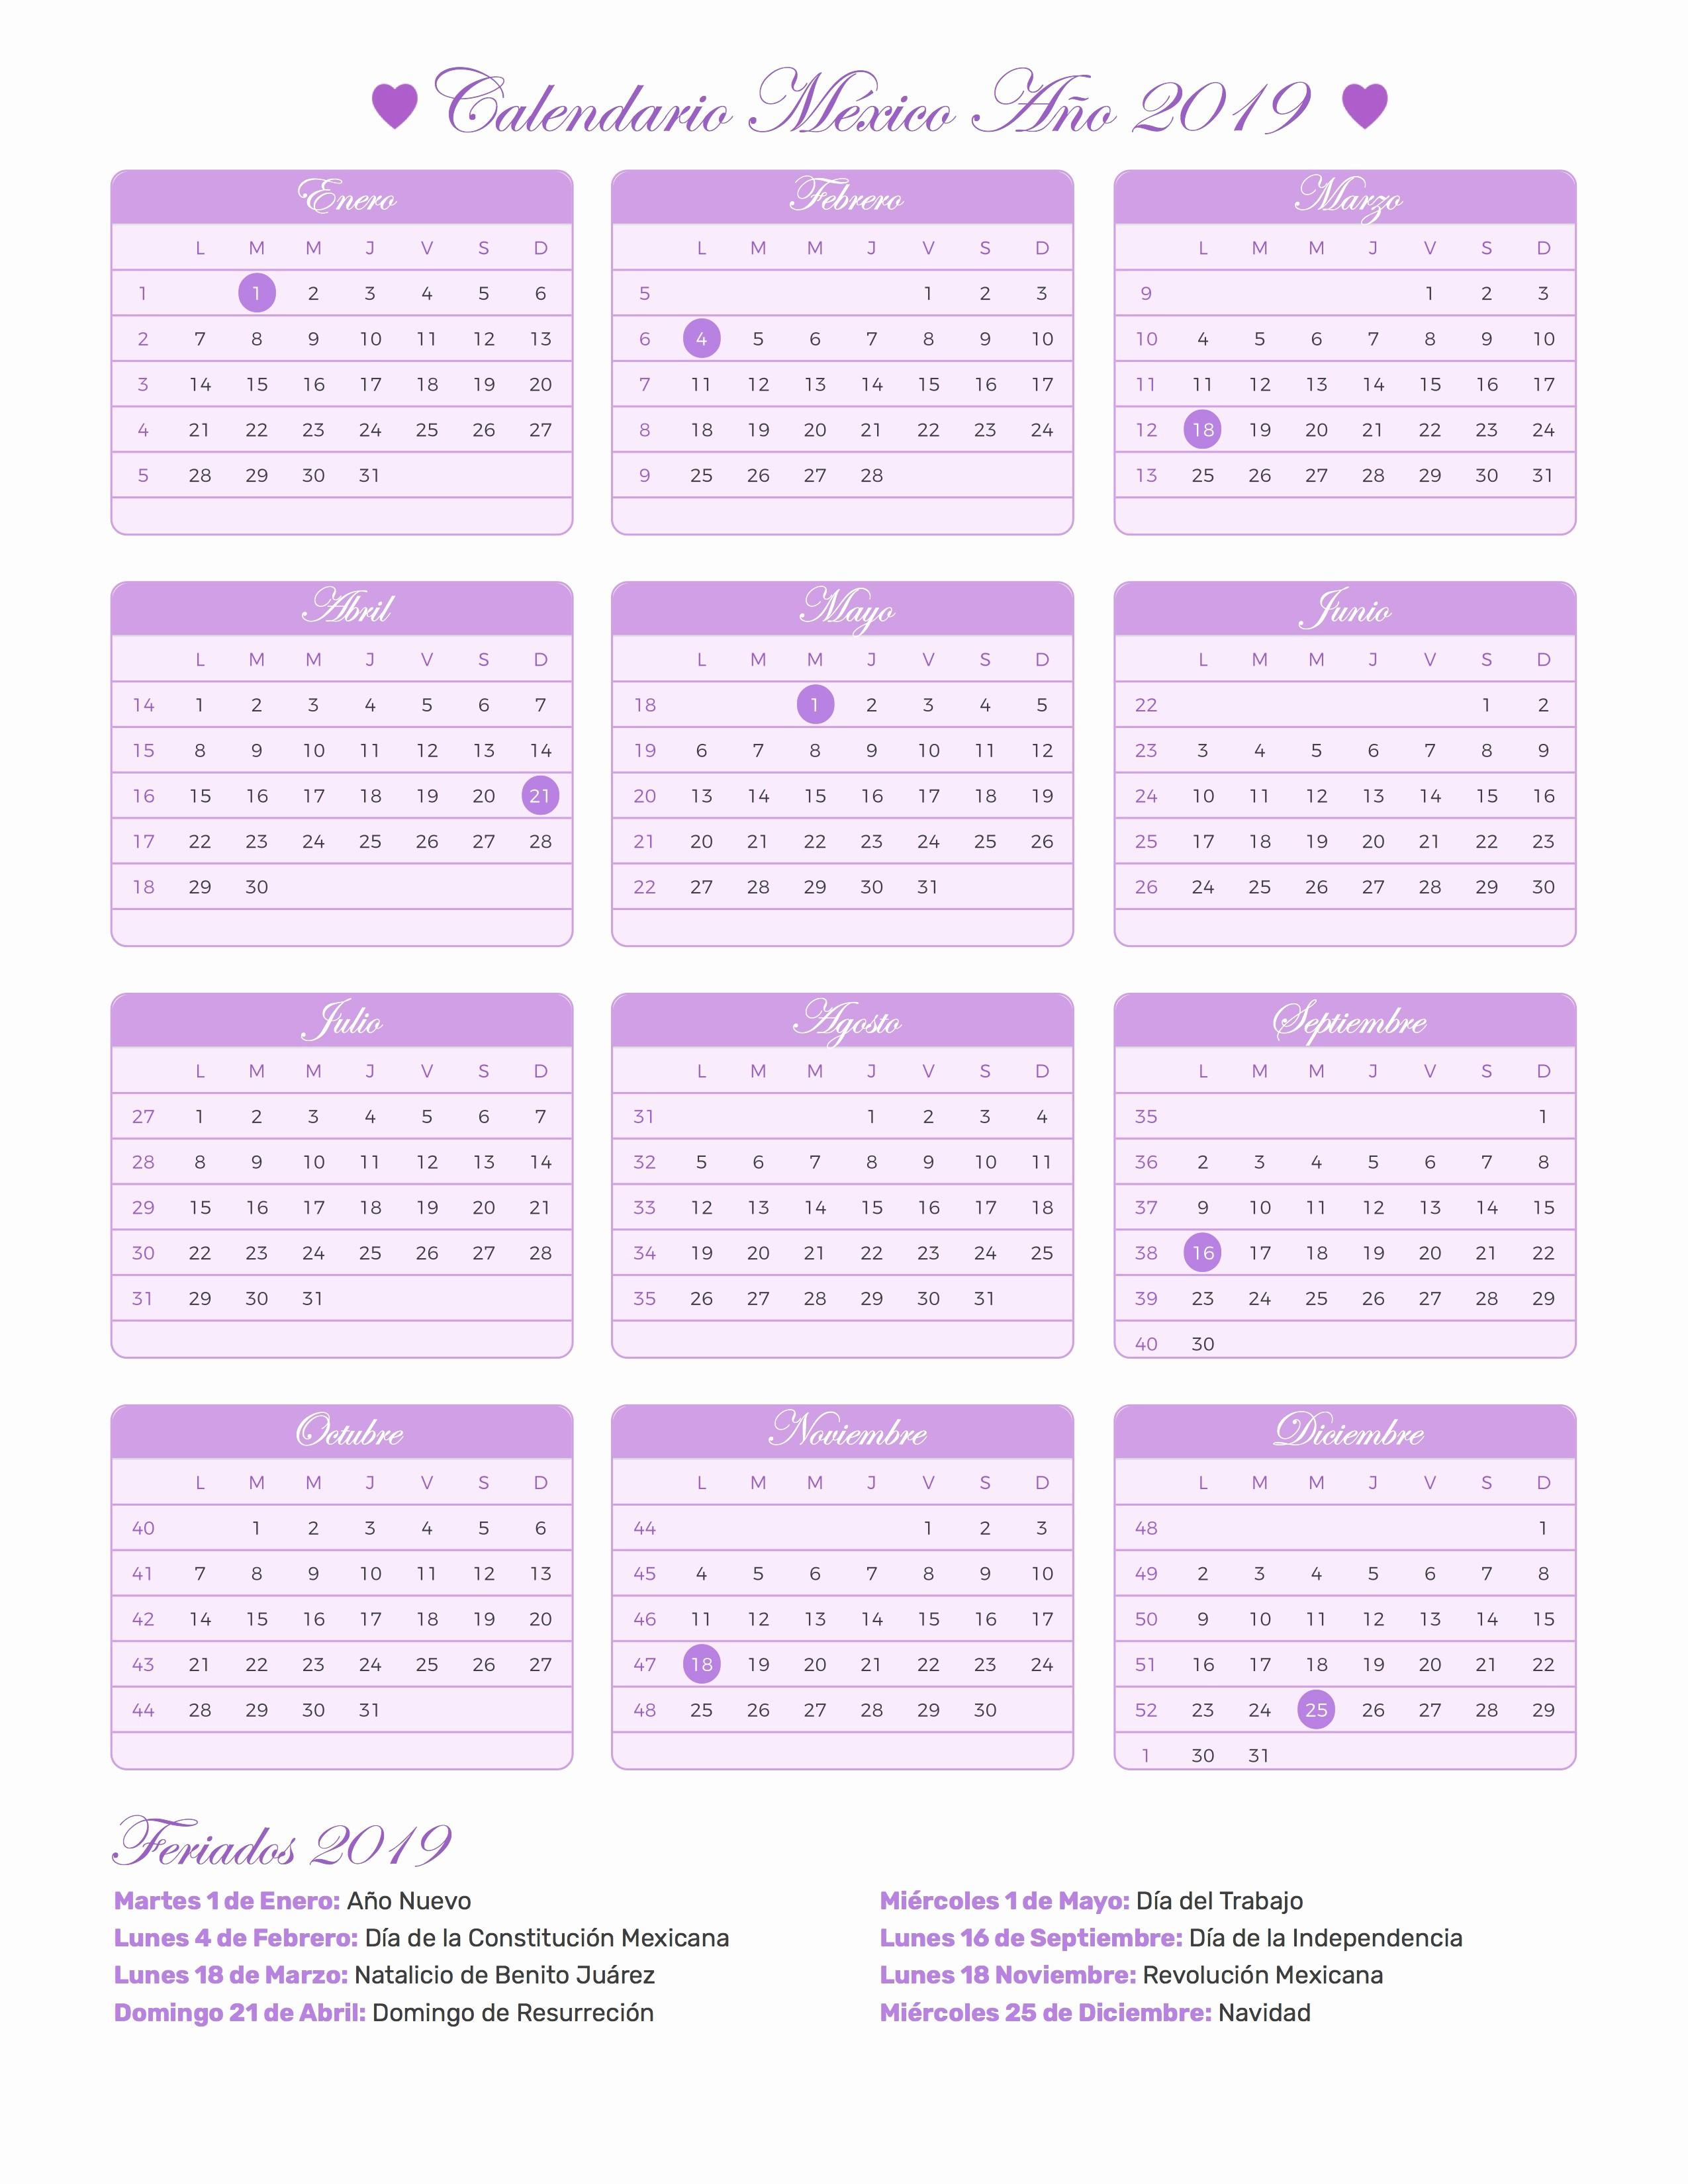 Calendario 2019 Semana Santa Más Recientes Calendario Dr 2019 Calendario Laboral Madrid 2019 Of Calendario 2019 Semana Santa Más Recientes Calendario Dr 2019 Espanol Calendario 2019 Archivo Imagenes